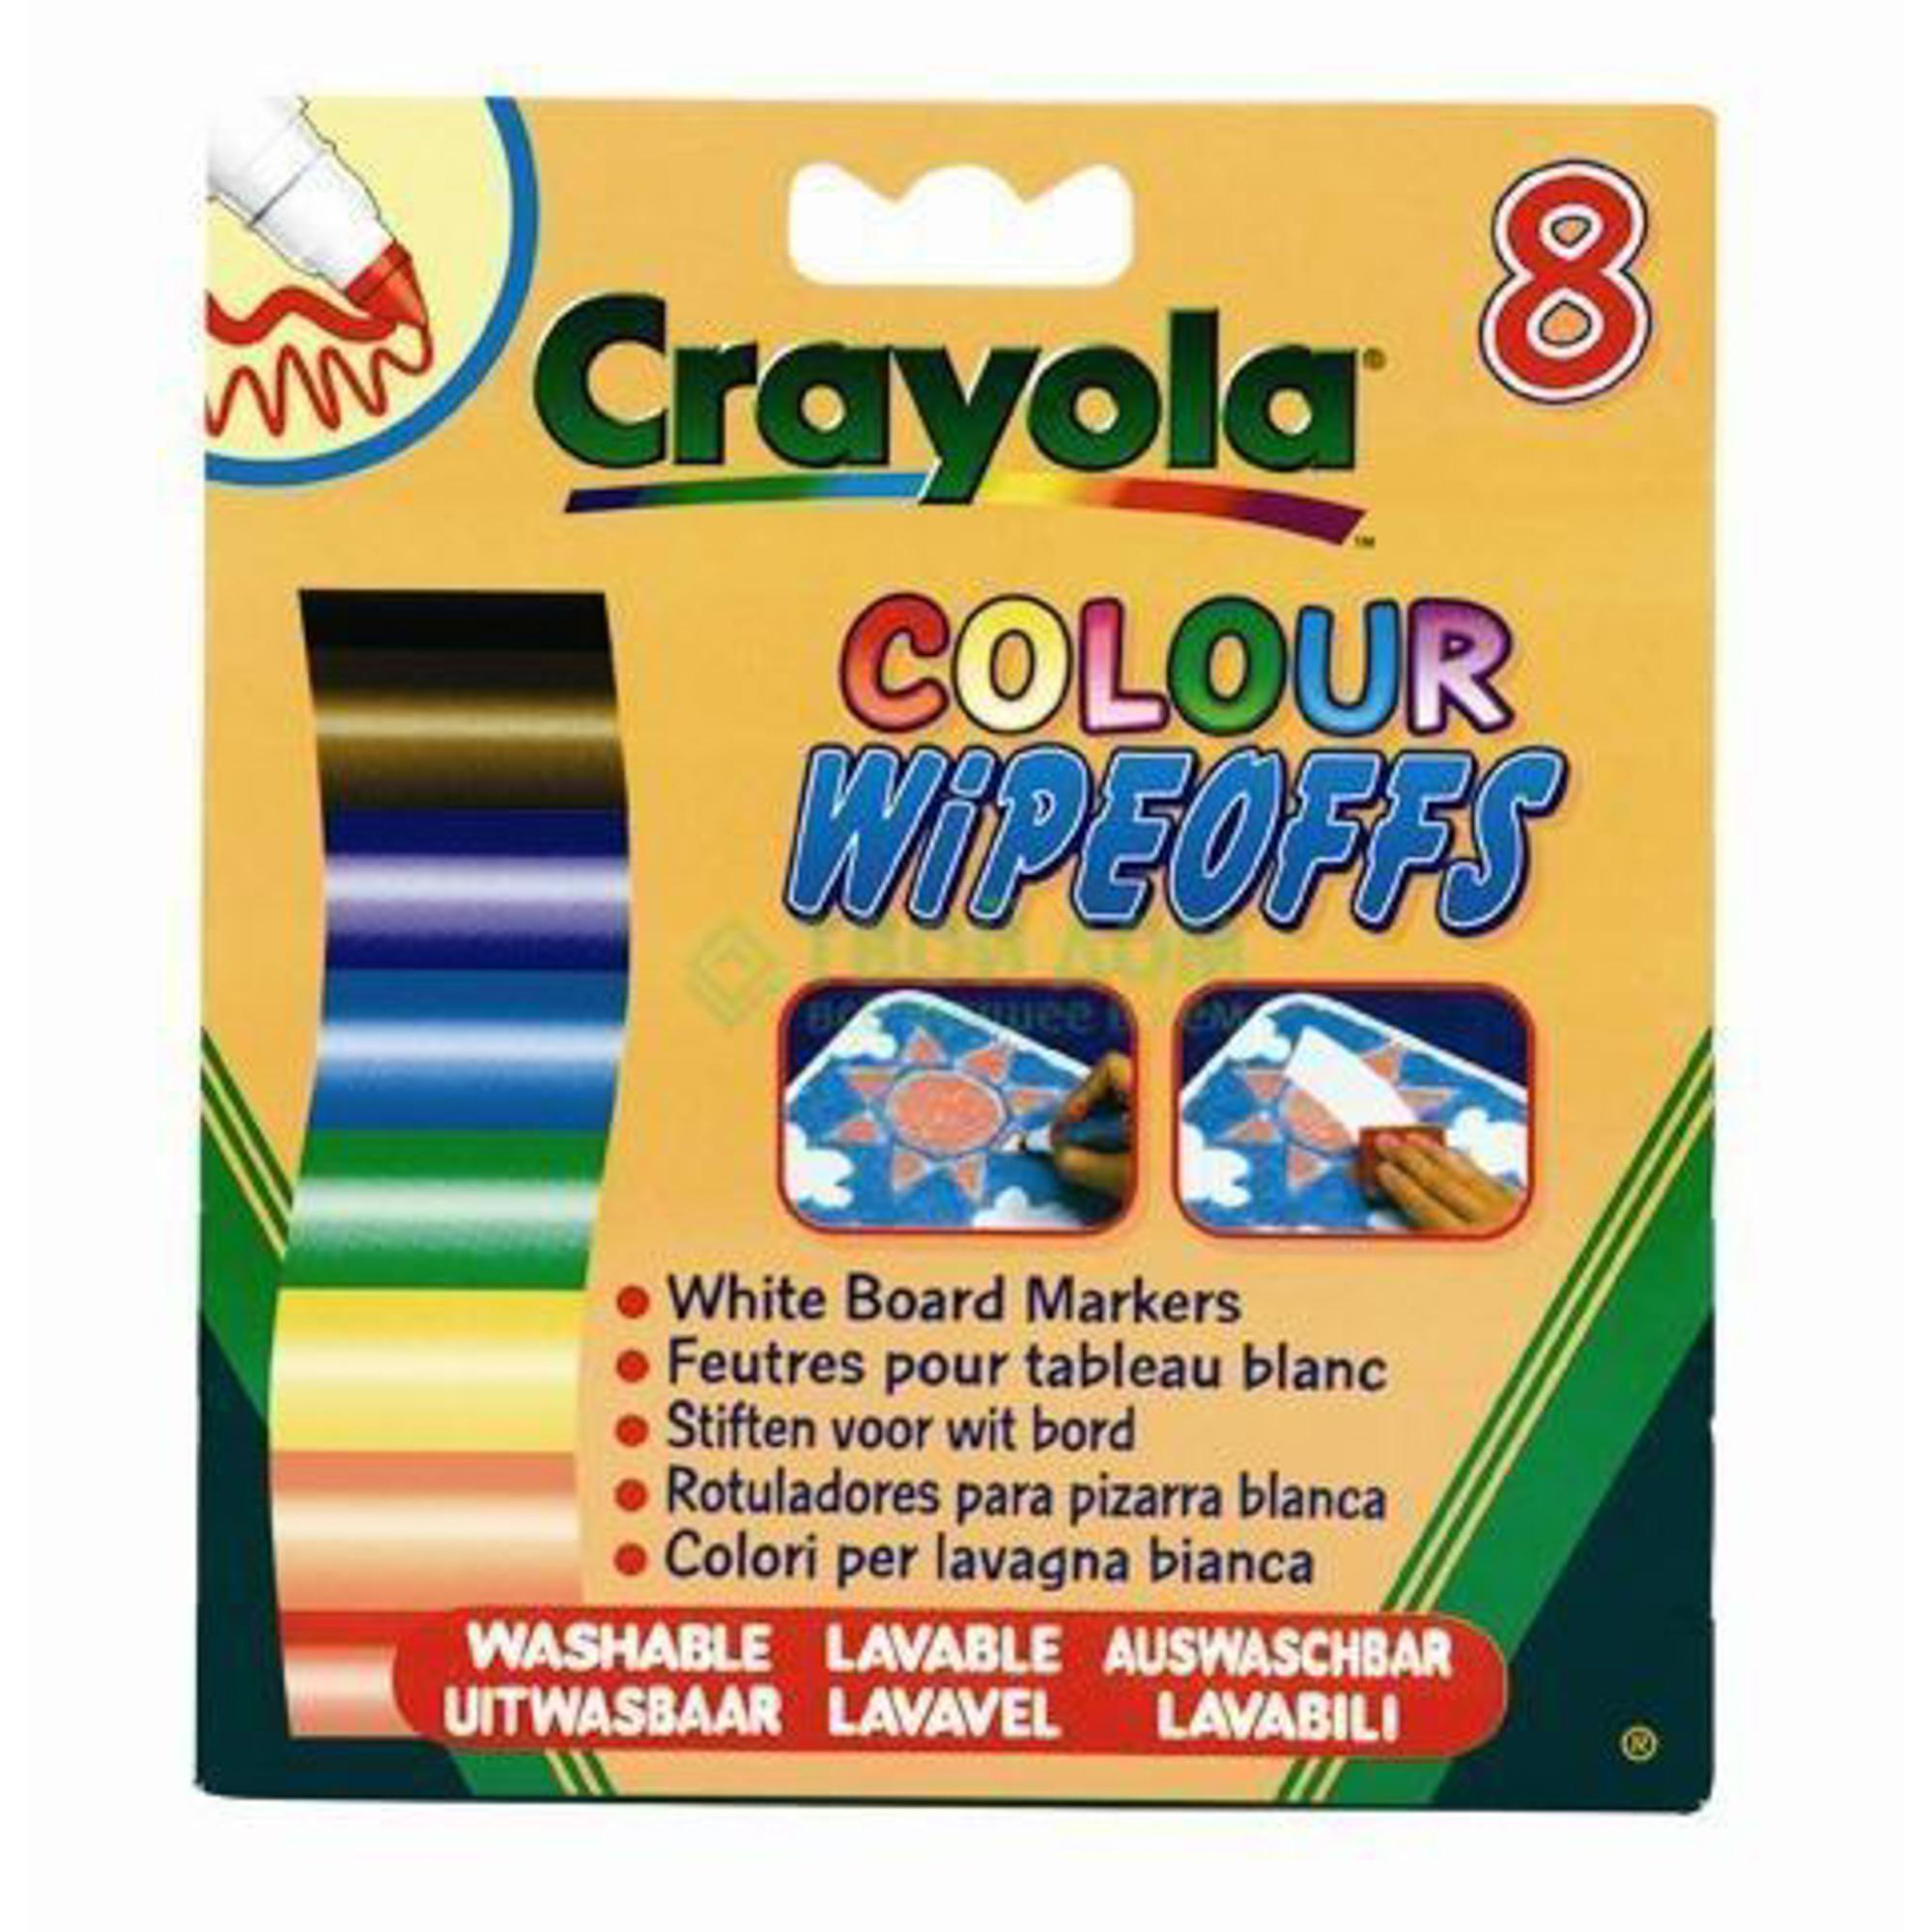 Crayola Фломастеры8 цветов радуги для белой доски (8223).